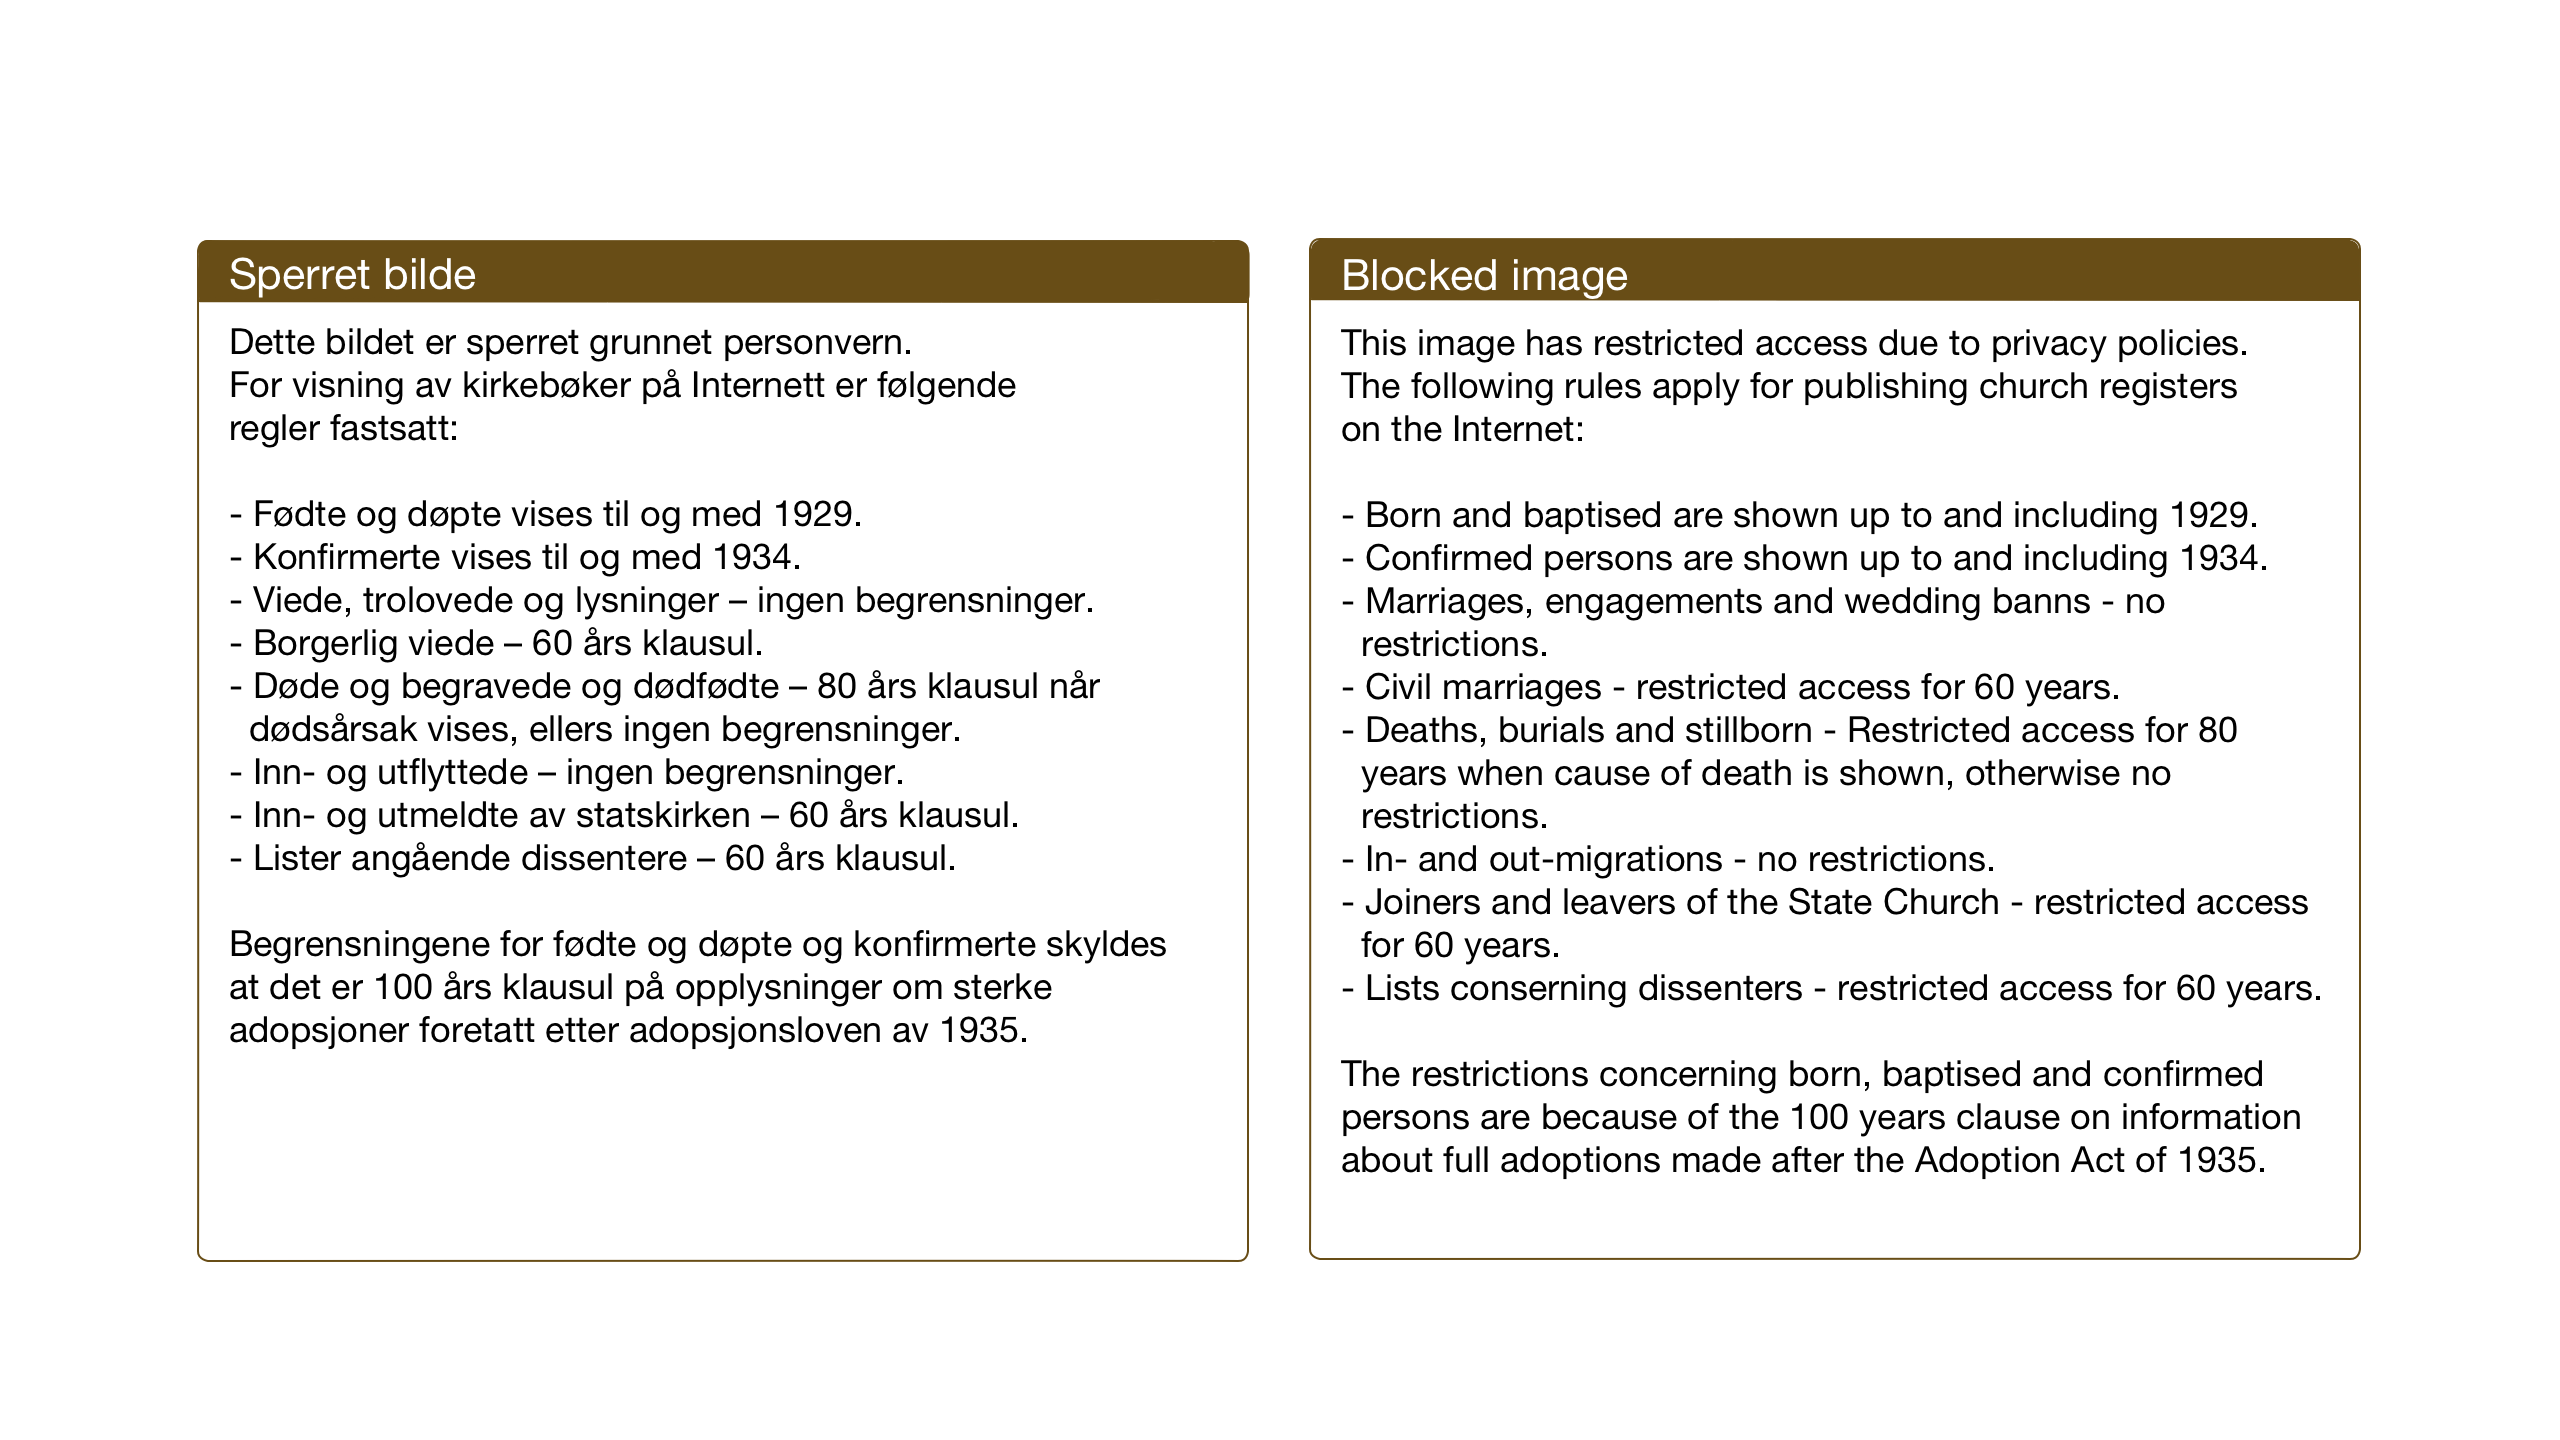 SAT, Ministerialprotokoller, klokkerbøker og fødselsregistre - Nord-Trøndelag, 714/L0136: Klokkerbok nr. 714C05, 1918-1957, s. 256